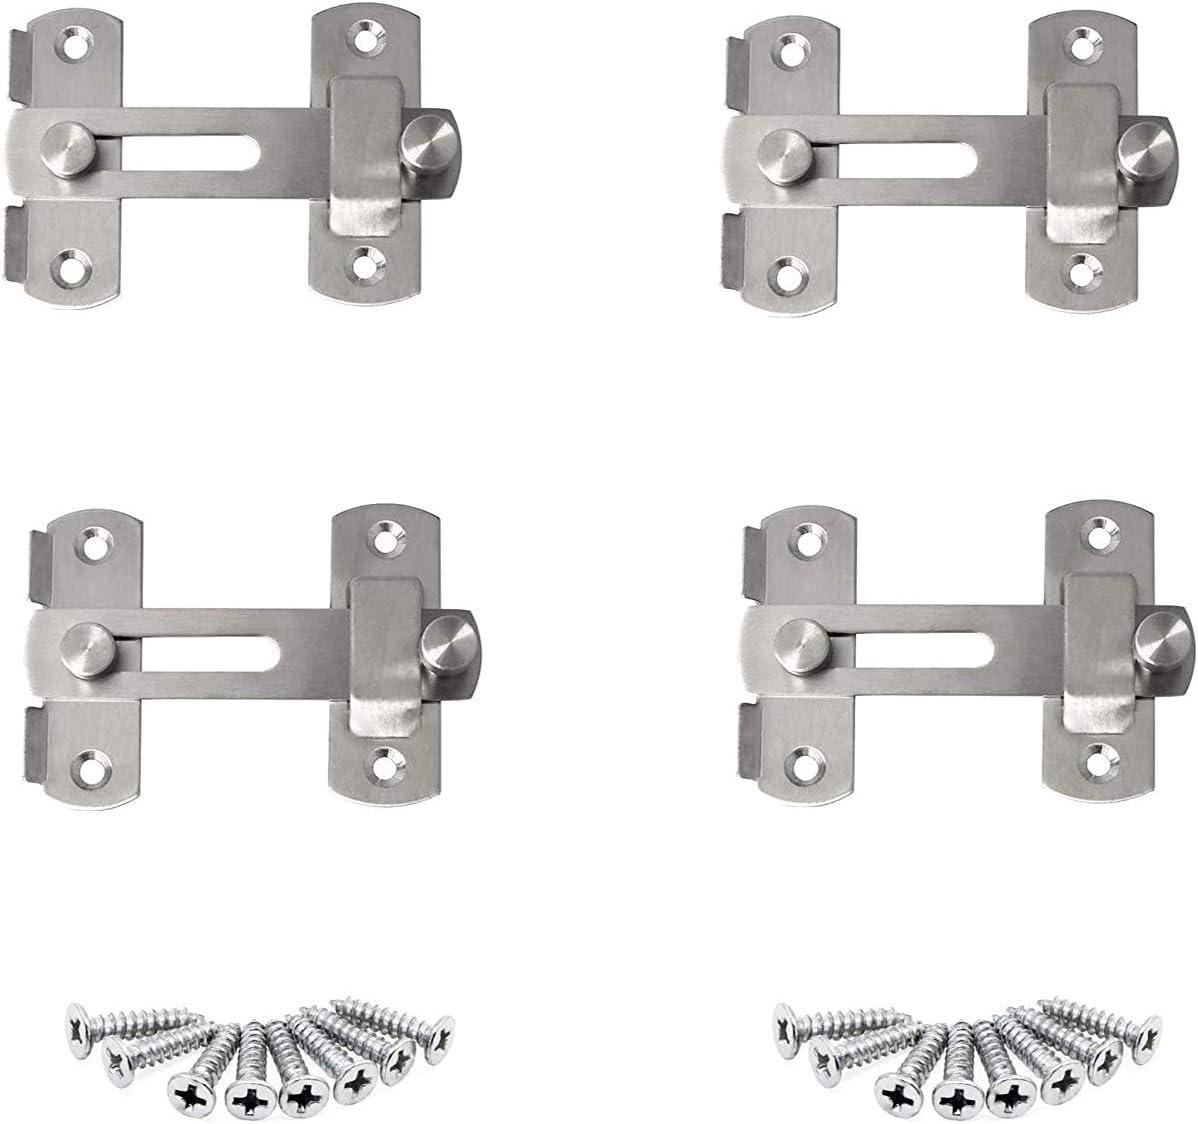 4 Pcs Cerradura de puerta resistente de acero inoxidable con pestillo abatible Con tornillos de fijación,superficie de acero inoxidable cepillado